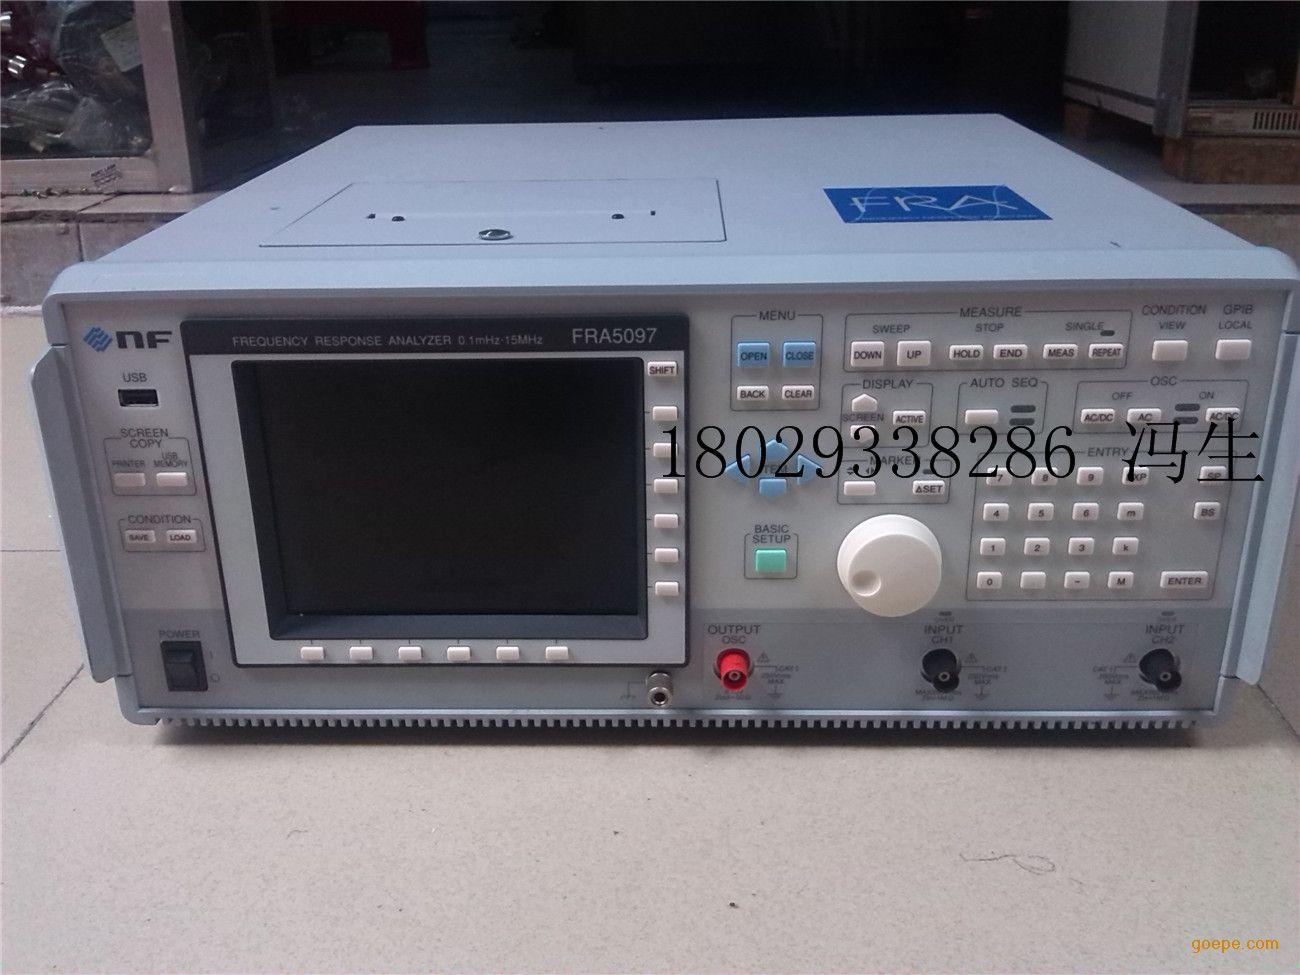 描述 NF fra5097 0.1MHz 15MHz,高精度、多功能的频率响应分析仪 这是一种fra5097 0.1兆赫到15兆赫频率的频率响应分析仪测量,非常适合生产线有一个苗条的节省空间的设计,易于操作。利用傅里叶积分法,FRA在消噪方面高度的精确测量。 NF的频率响应分析仪利用出色的噪声消除的傅里叶变换特征准确地测量频率响应特性。浮动输入电路和自动量程功能不断优化的输入范围。频率响应分析仪允许快速,动态变化的频率响应,无需关心输入信号电平或被测试设备的同时仍然是操作简单地电位高度的精确测量。从伺服系